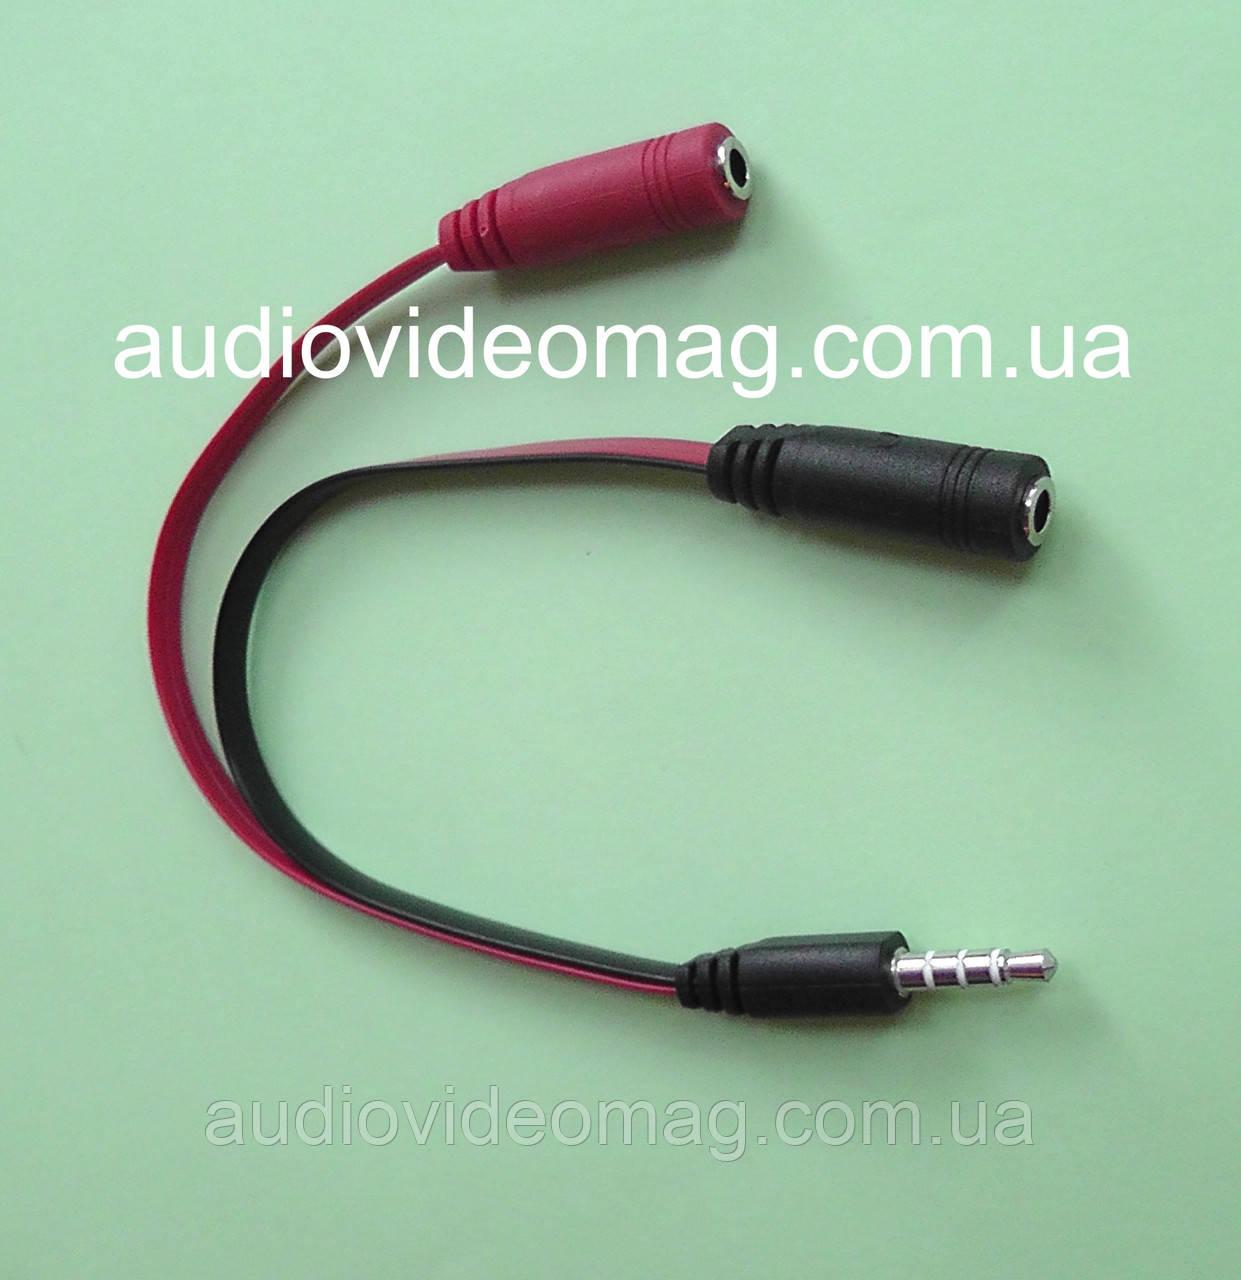 Переходник 3.5мм (4pin) для подключения микрофона и наушников в ноутбук